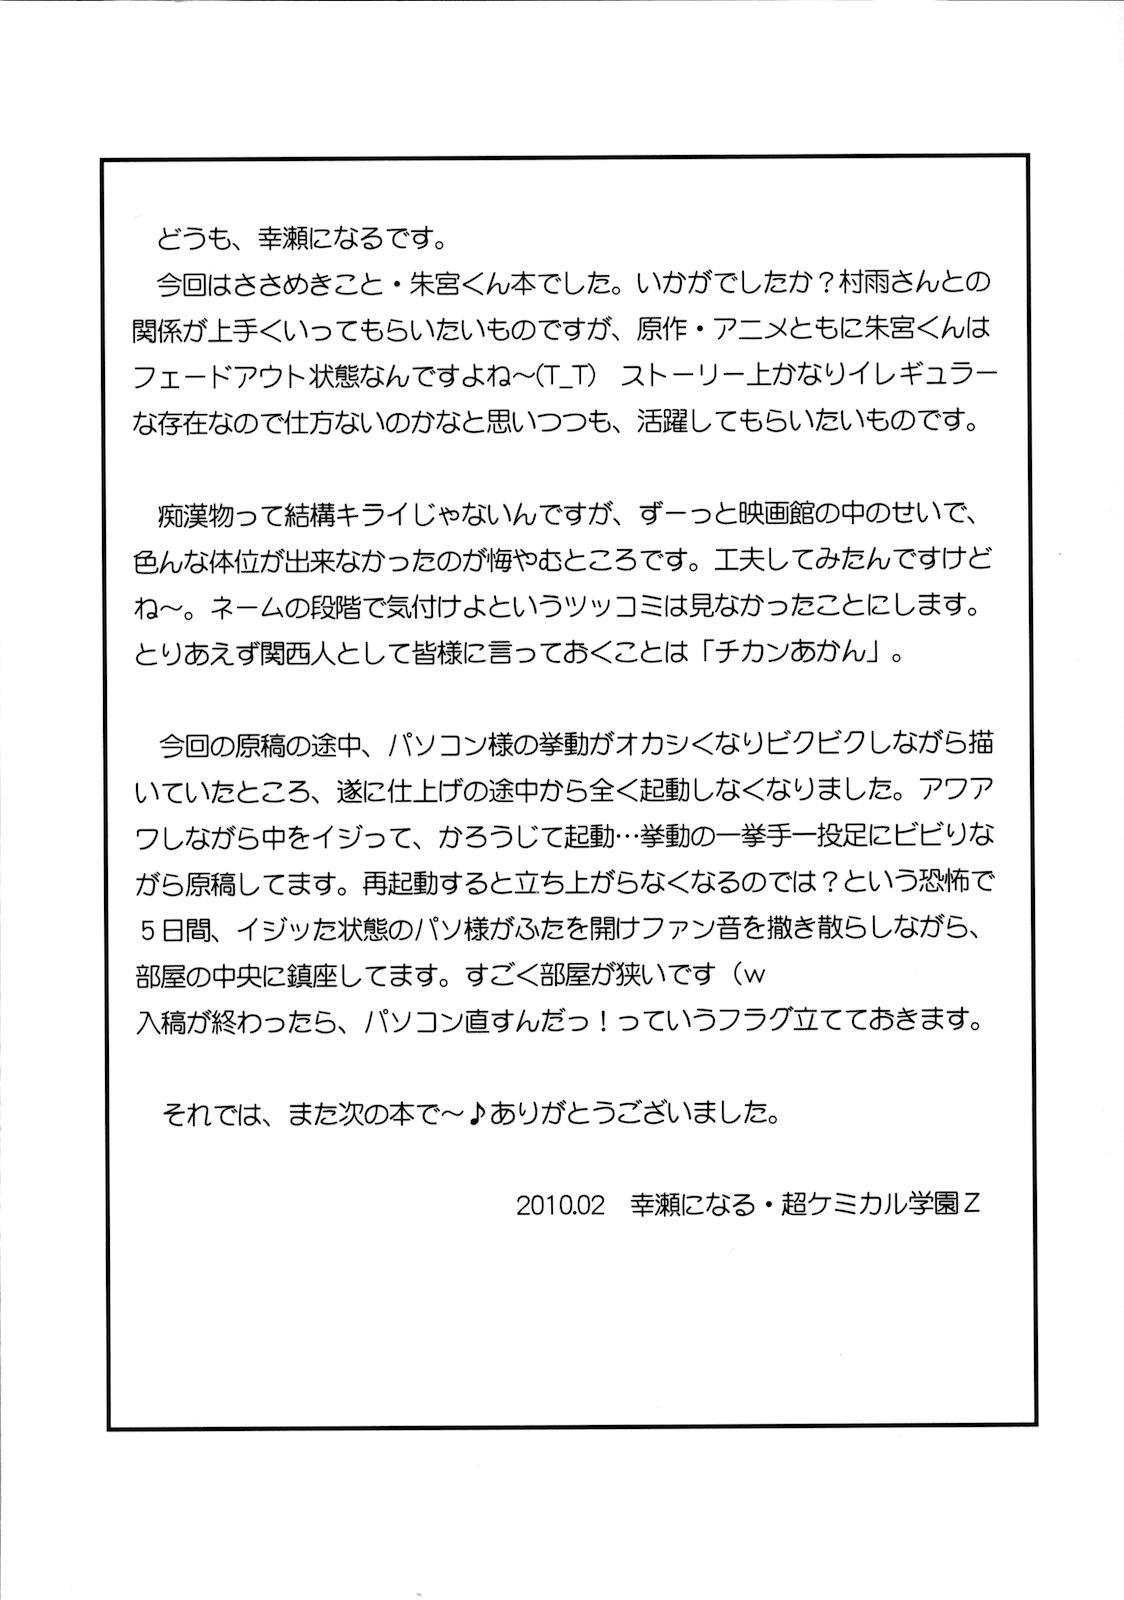 Moshi Honto ni Boku ga Otoko no Ko datta to shitemo... | If I'm really a trap... 21